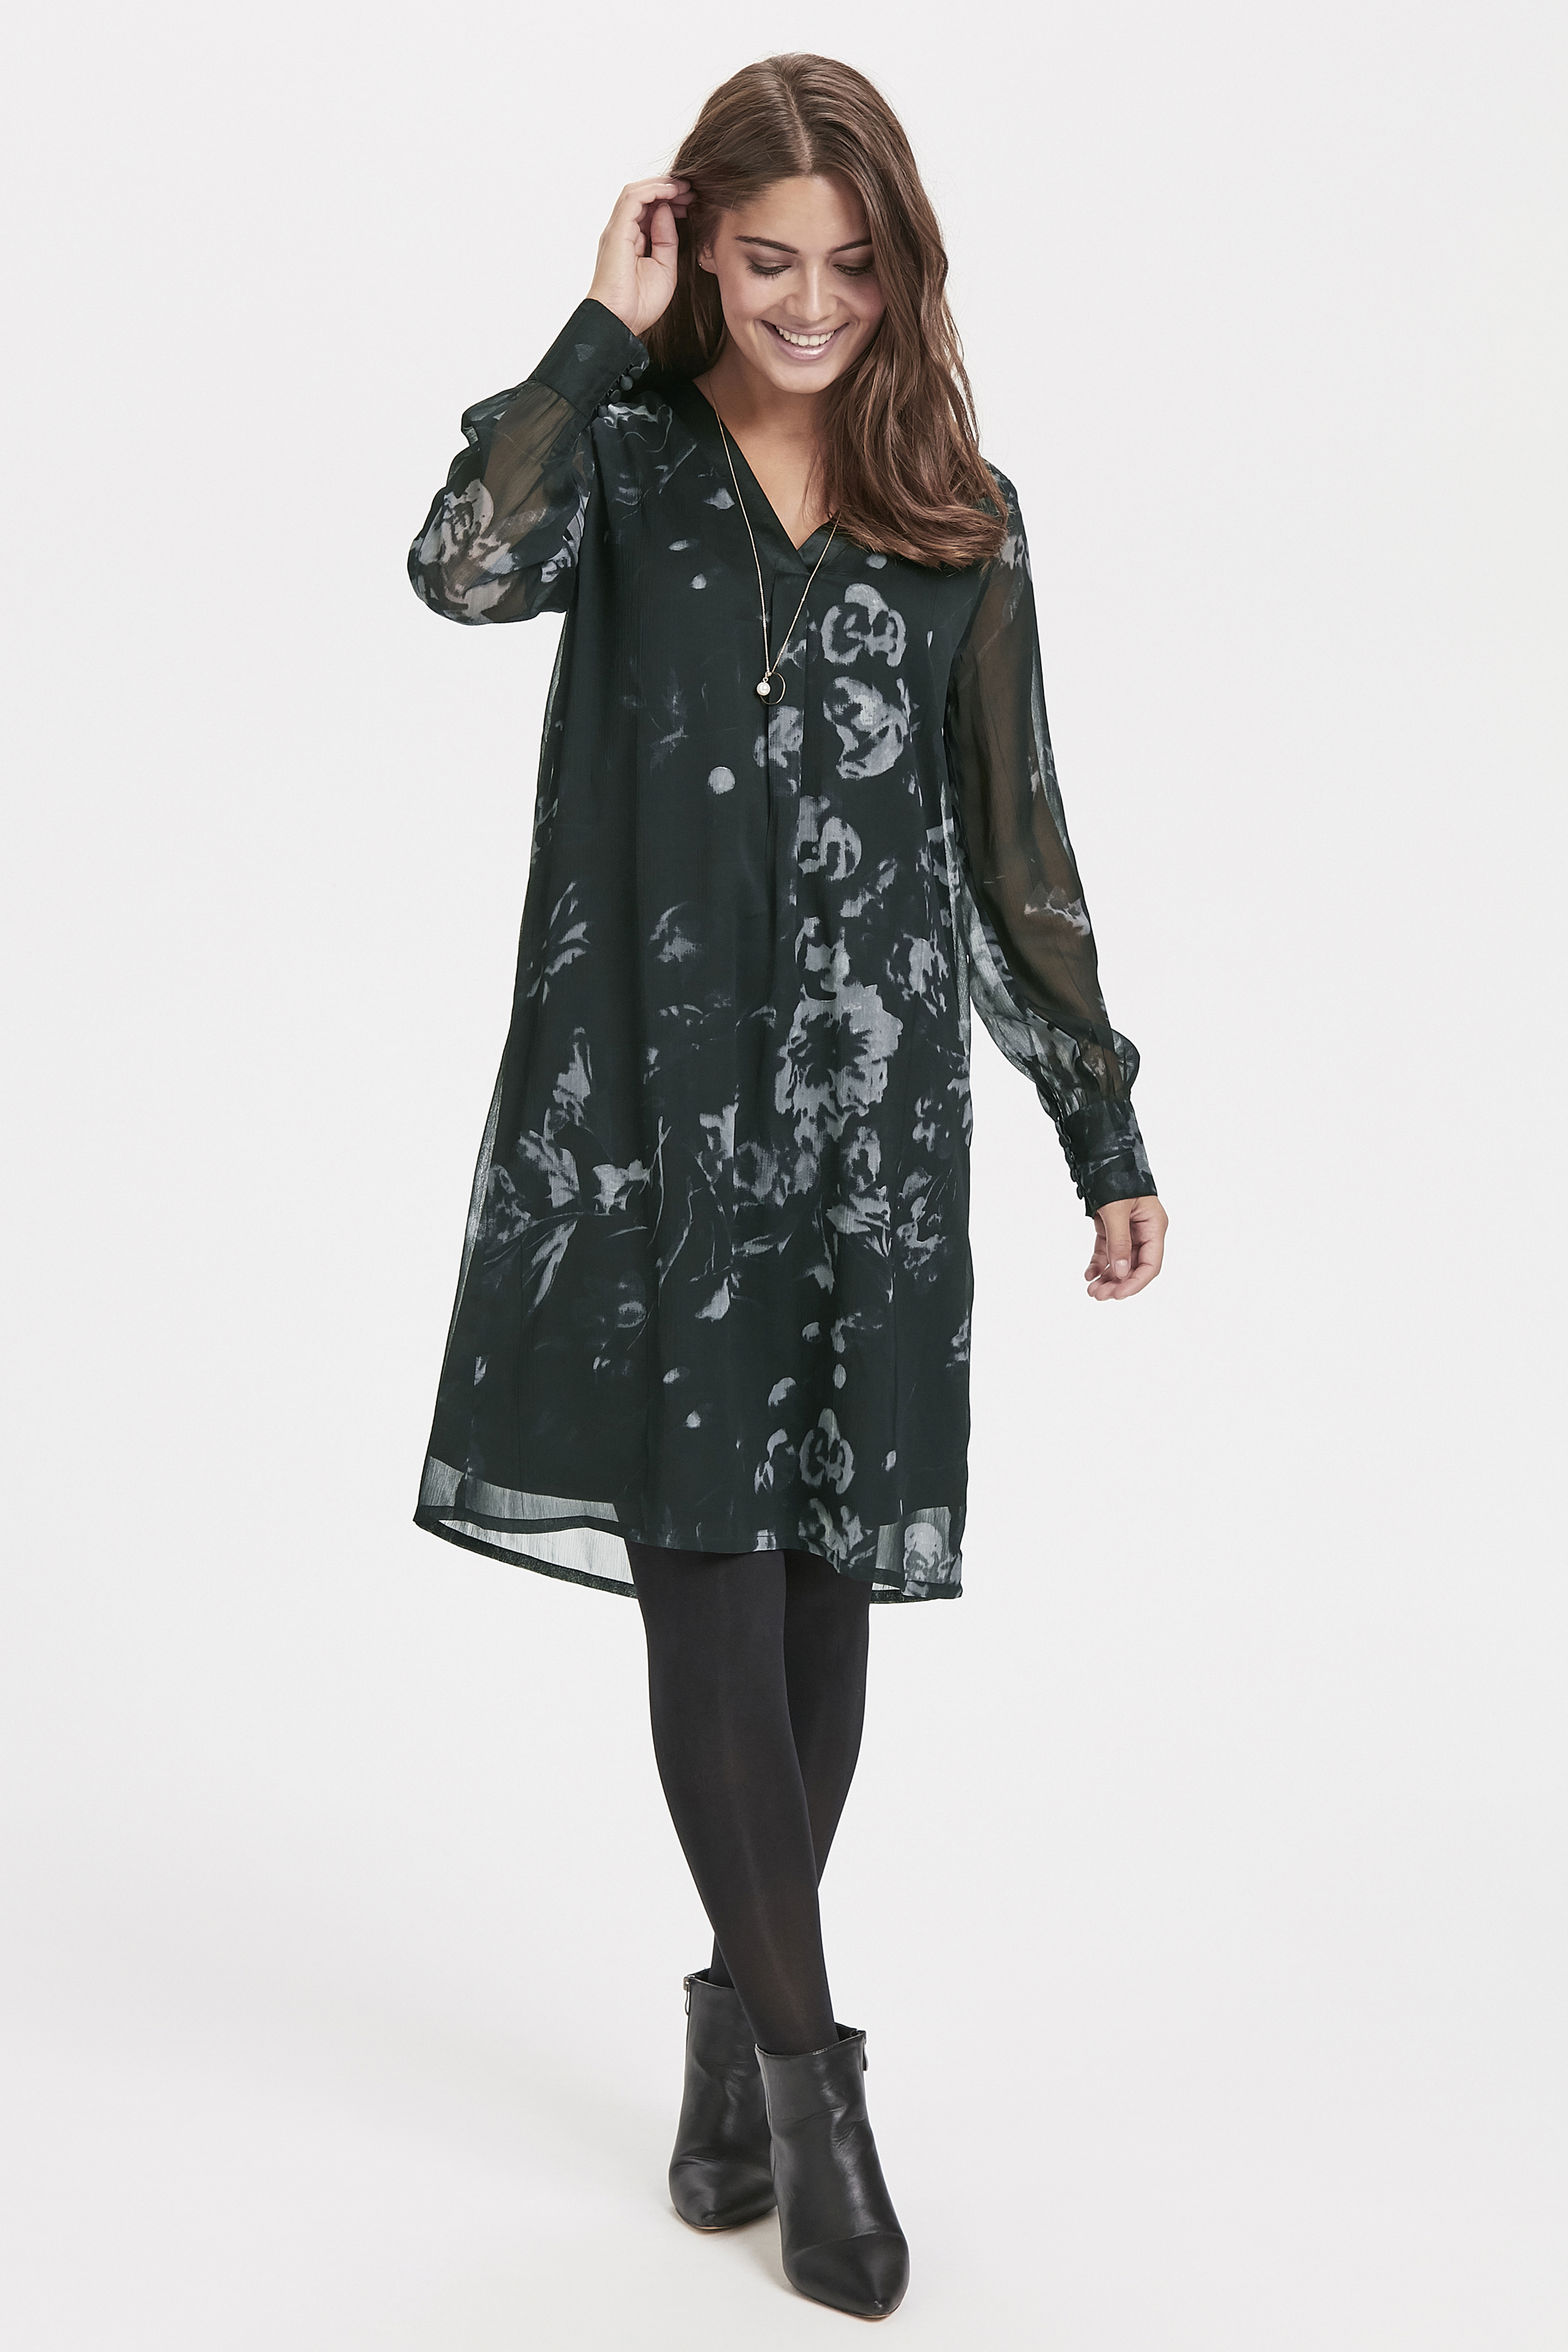 Schwarz/grau Kleid von Bon'A Parte – Shoppen Sie Schwarz/grau Kleid ab Gr. S-2XL hier